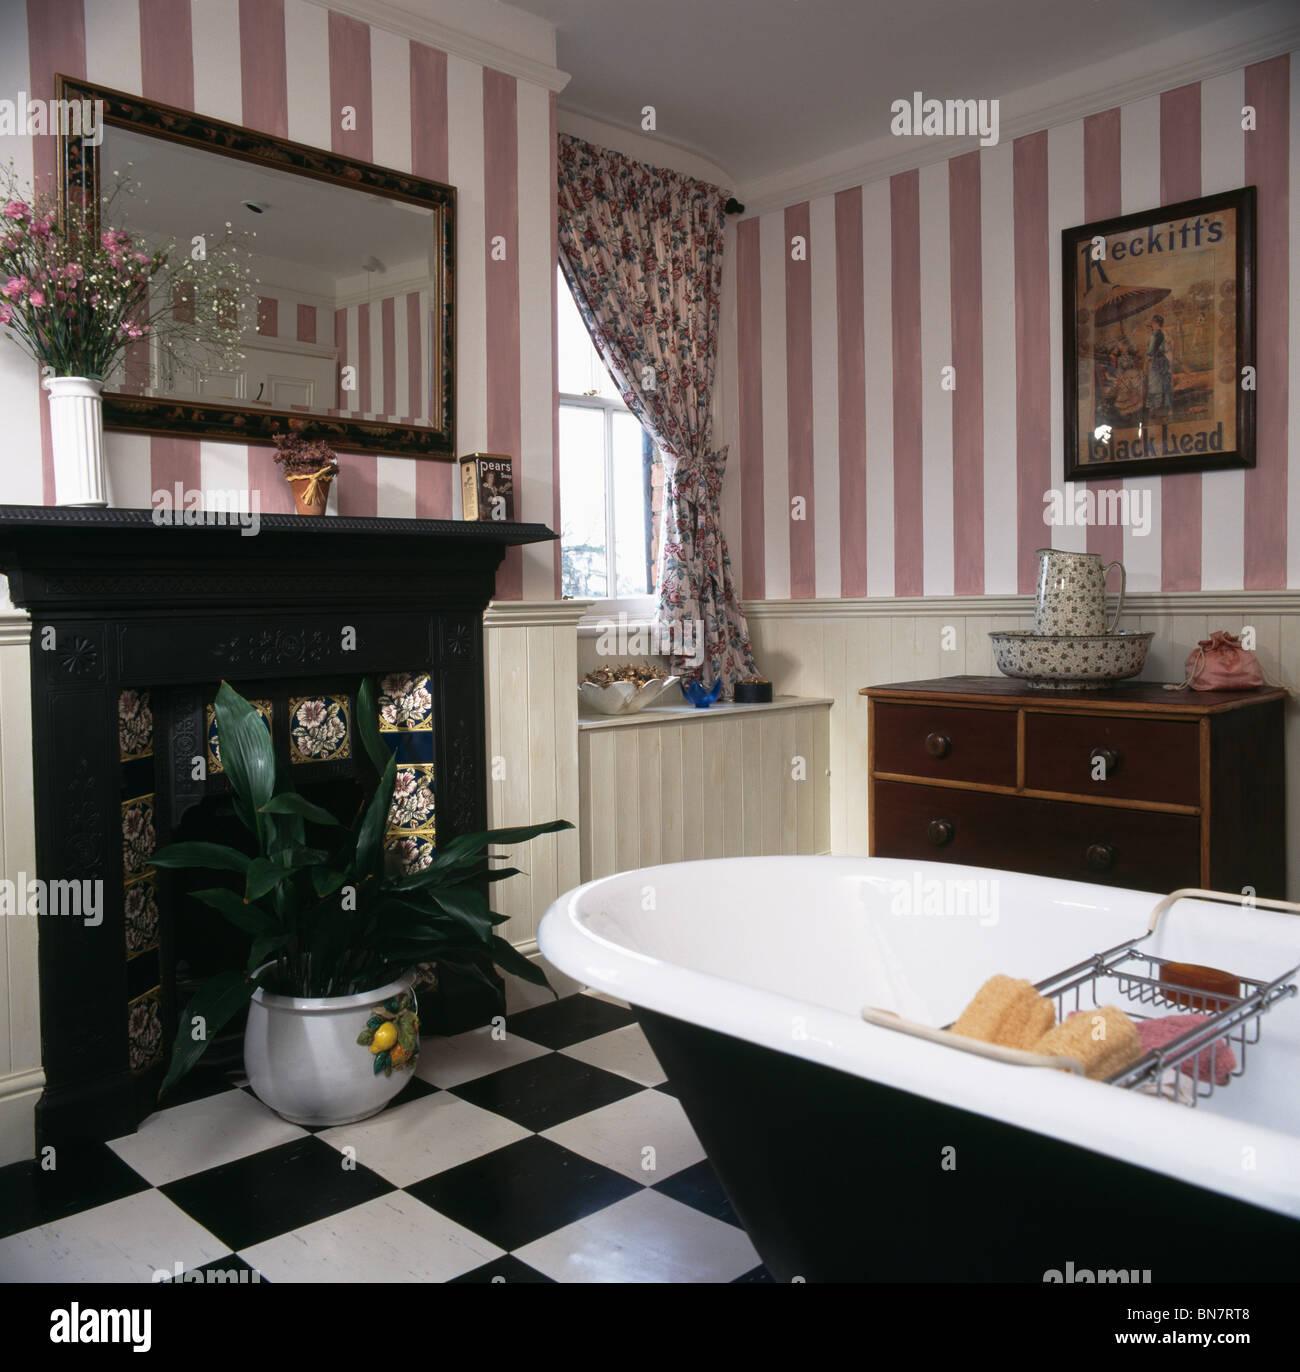 Rosa carta da parati a strisce e roll,top bagno nel paese bagno con il nero  in ghisa e caminetto nero+bianco pavimento in vinile